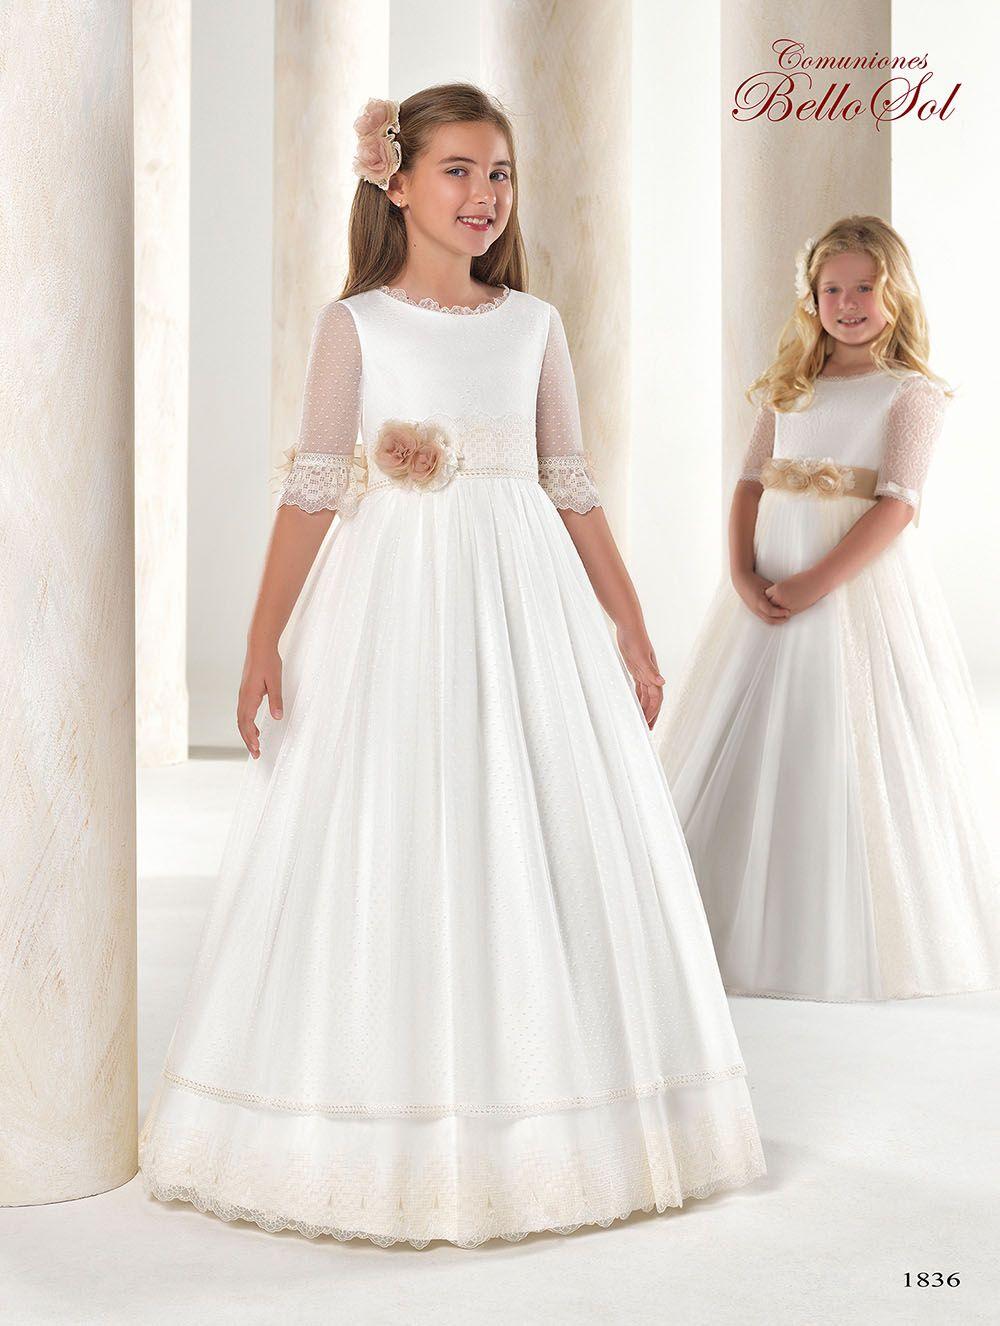 Vestidos comunion novias maria luisa valladolid